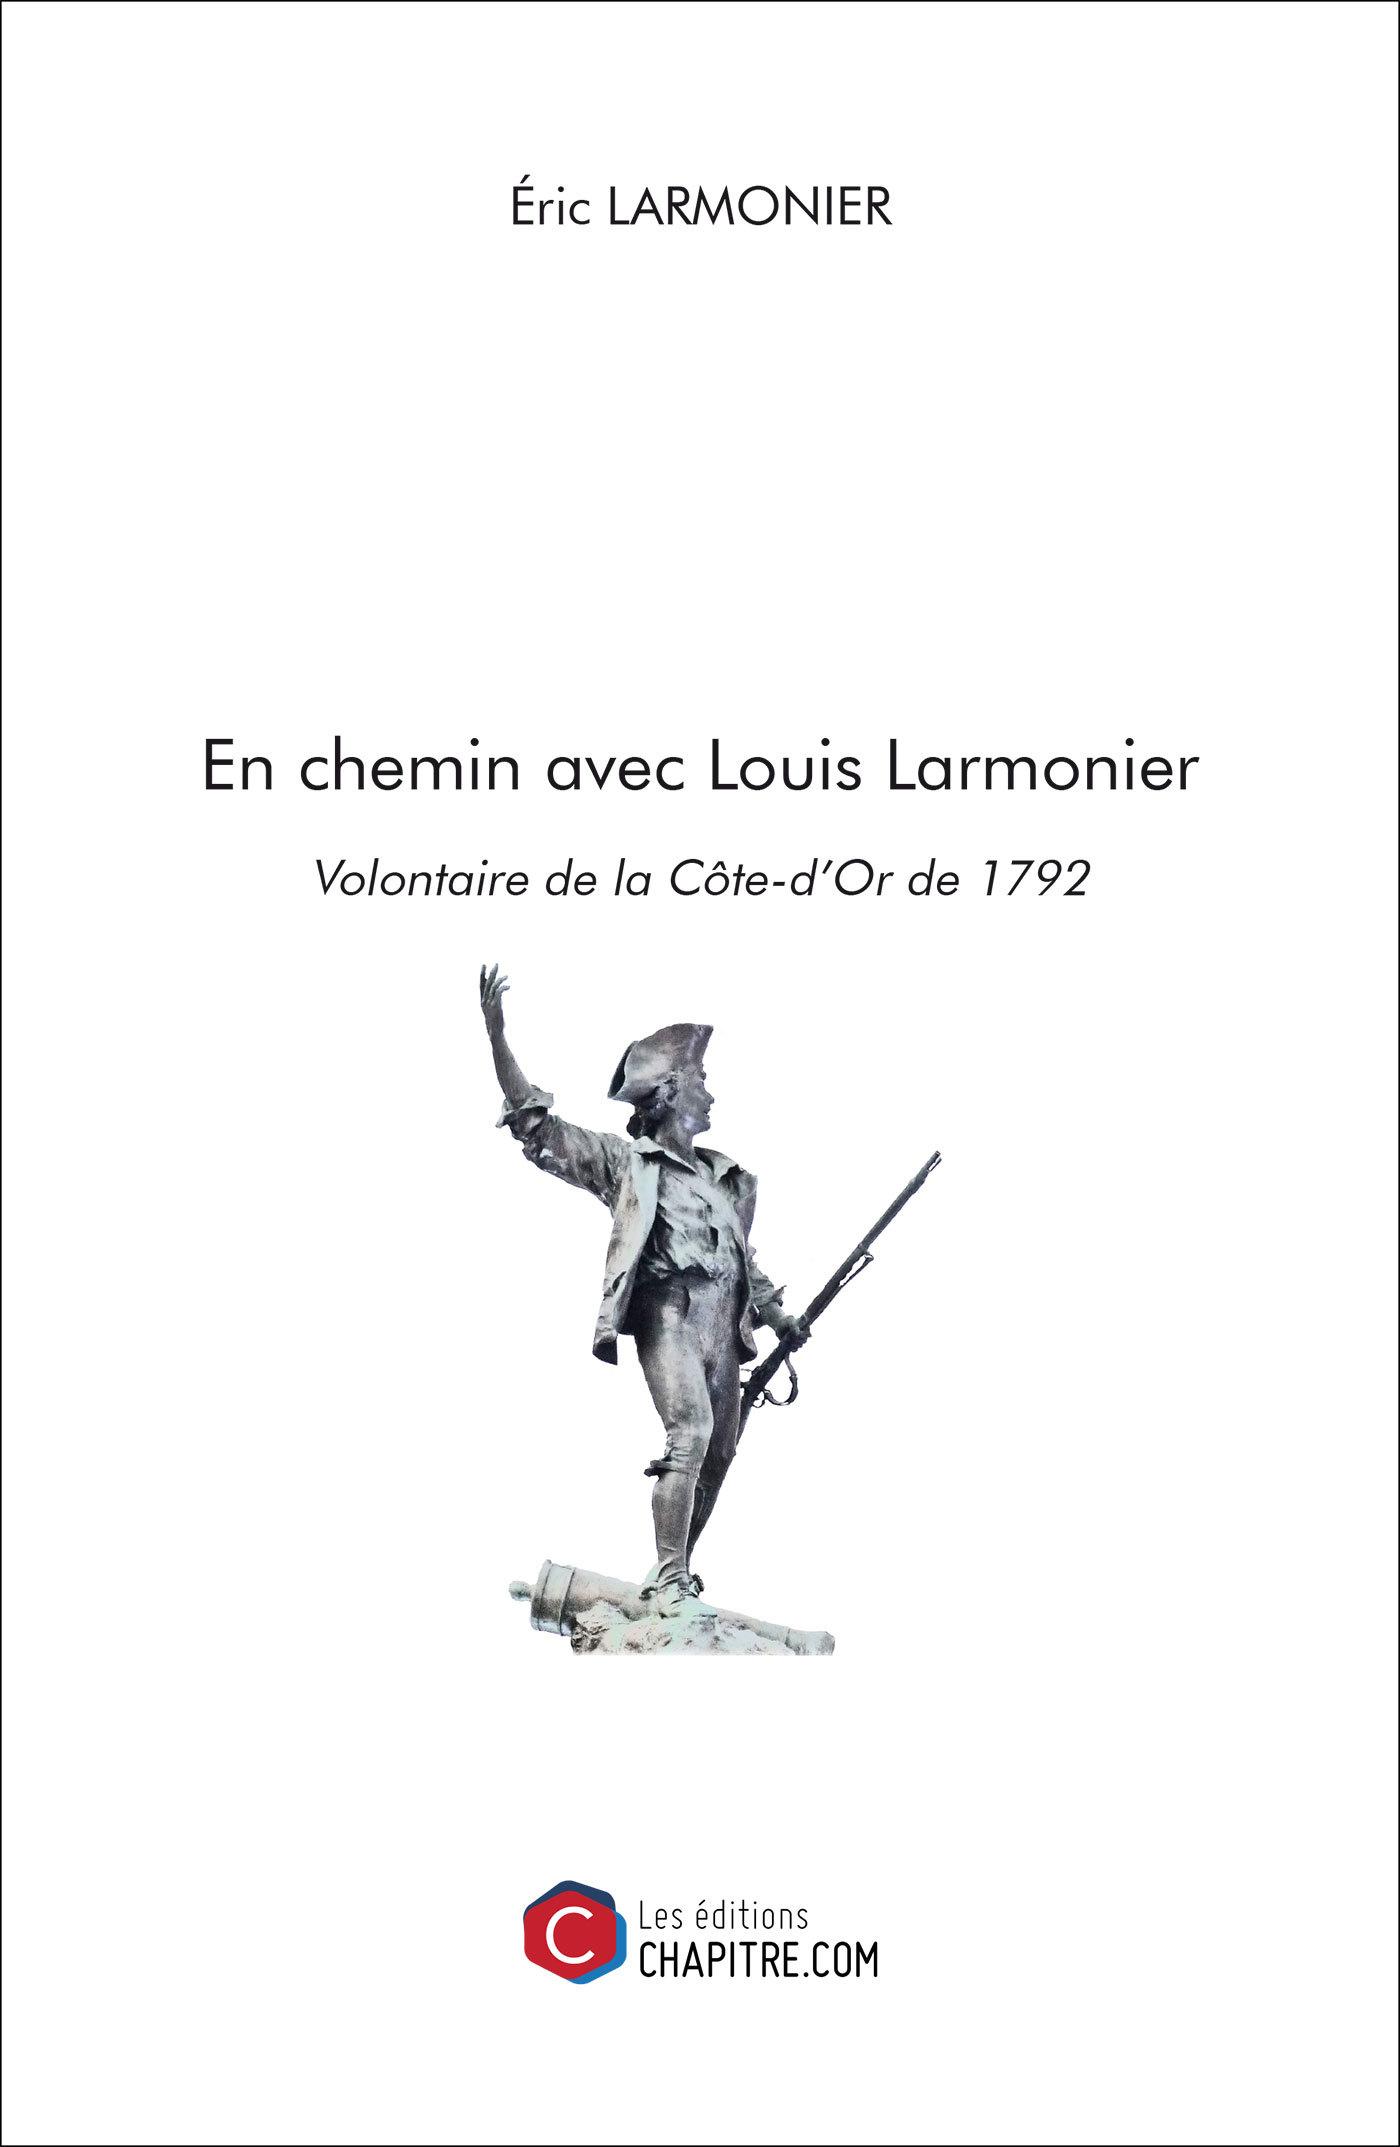 EN CHEMIN AVEC LOUIS LARMONIER, VOLONTAIRE DE LA COTE-D'OR DE 1792